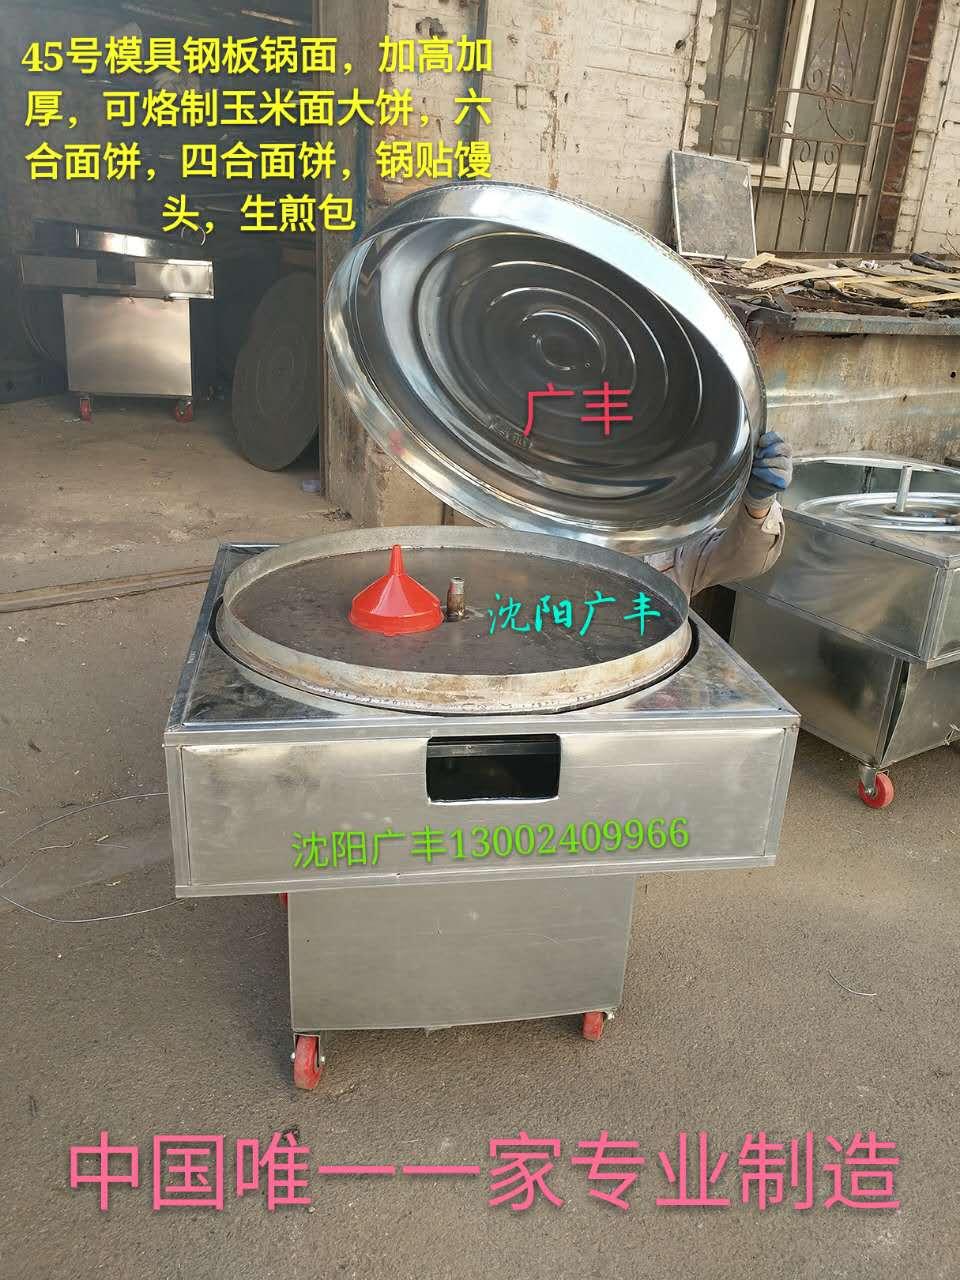 沈阳广丰13002409966 45号模具钢板锅面,加高加厚,可烙制玉米面大饼,六合面饼,四合面饼,锅贴馒头,生煎包 中国唯一一家专业制造